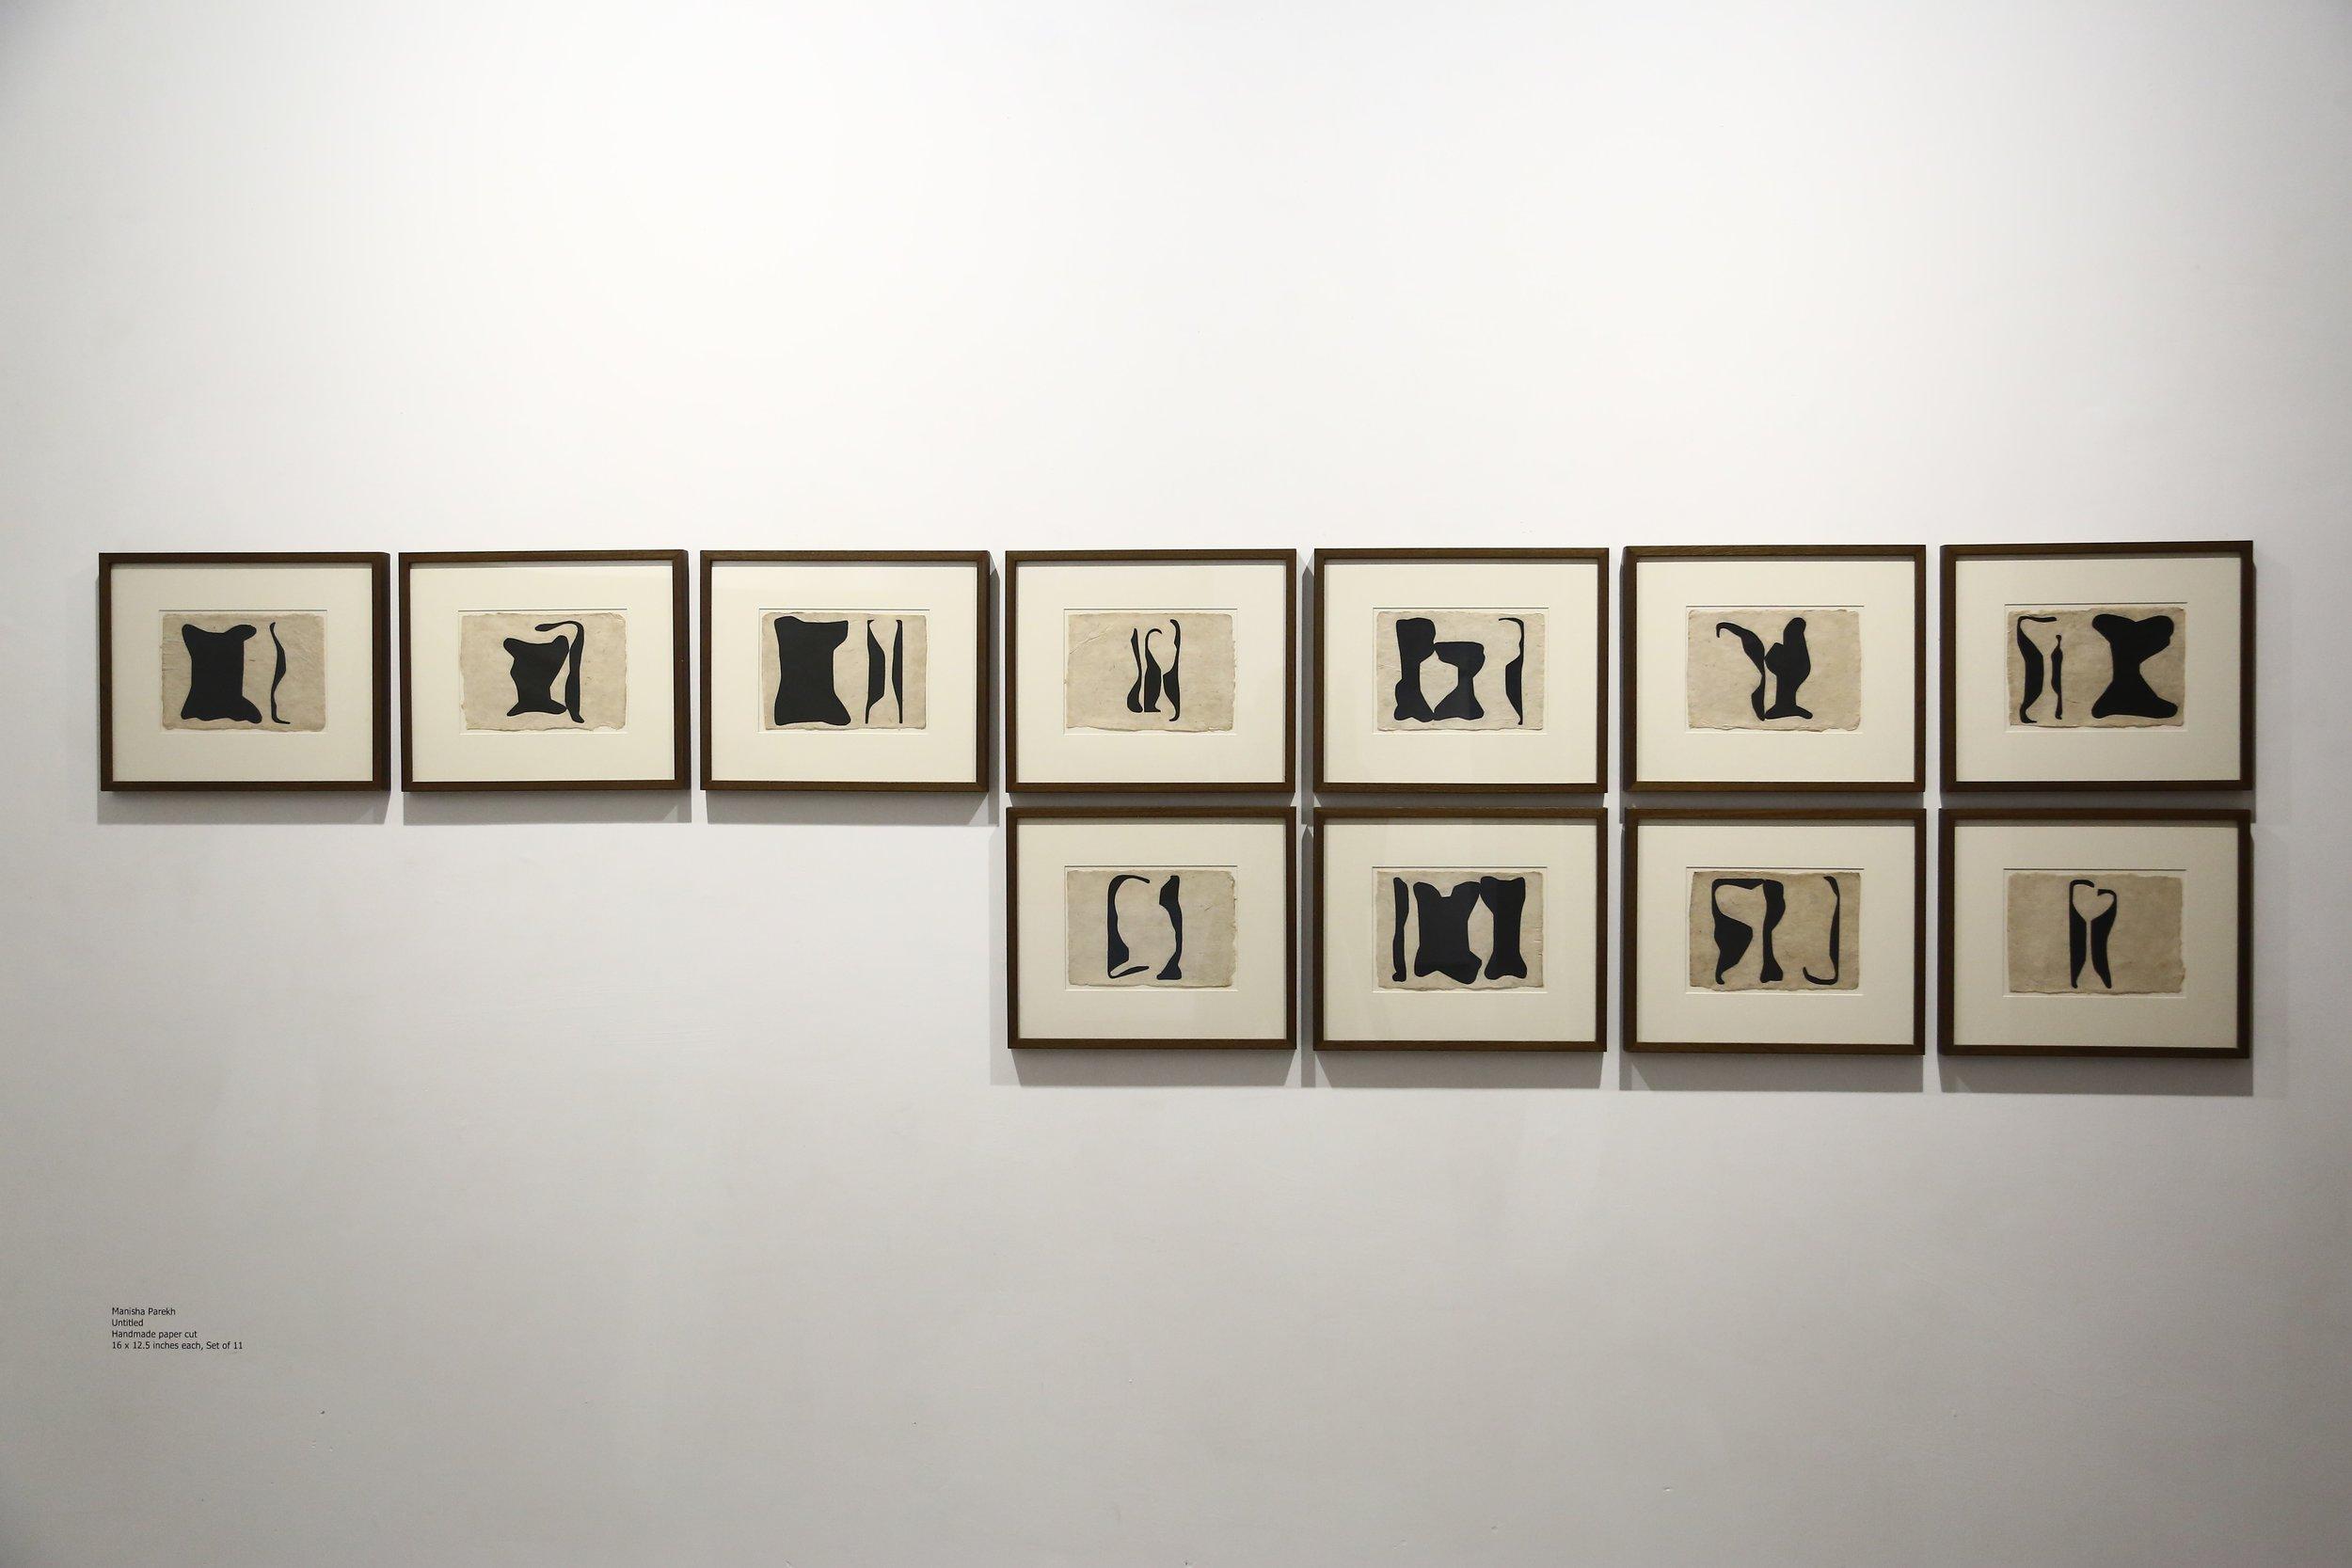 Manisha Parekh, Untitled, 2005